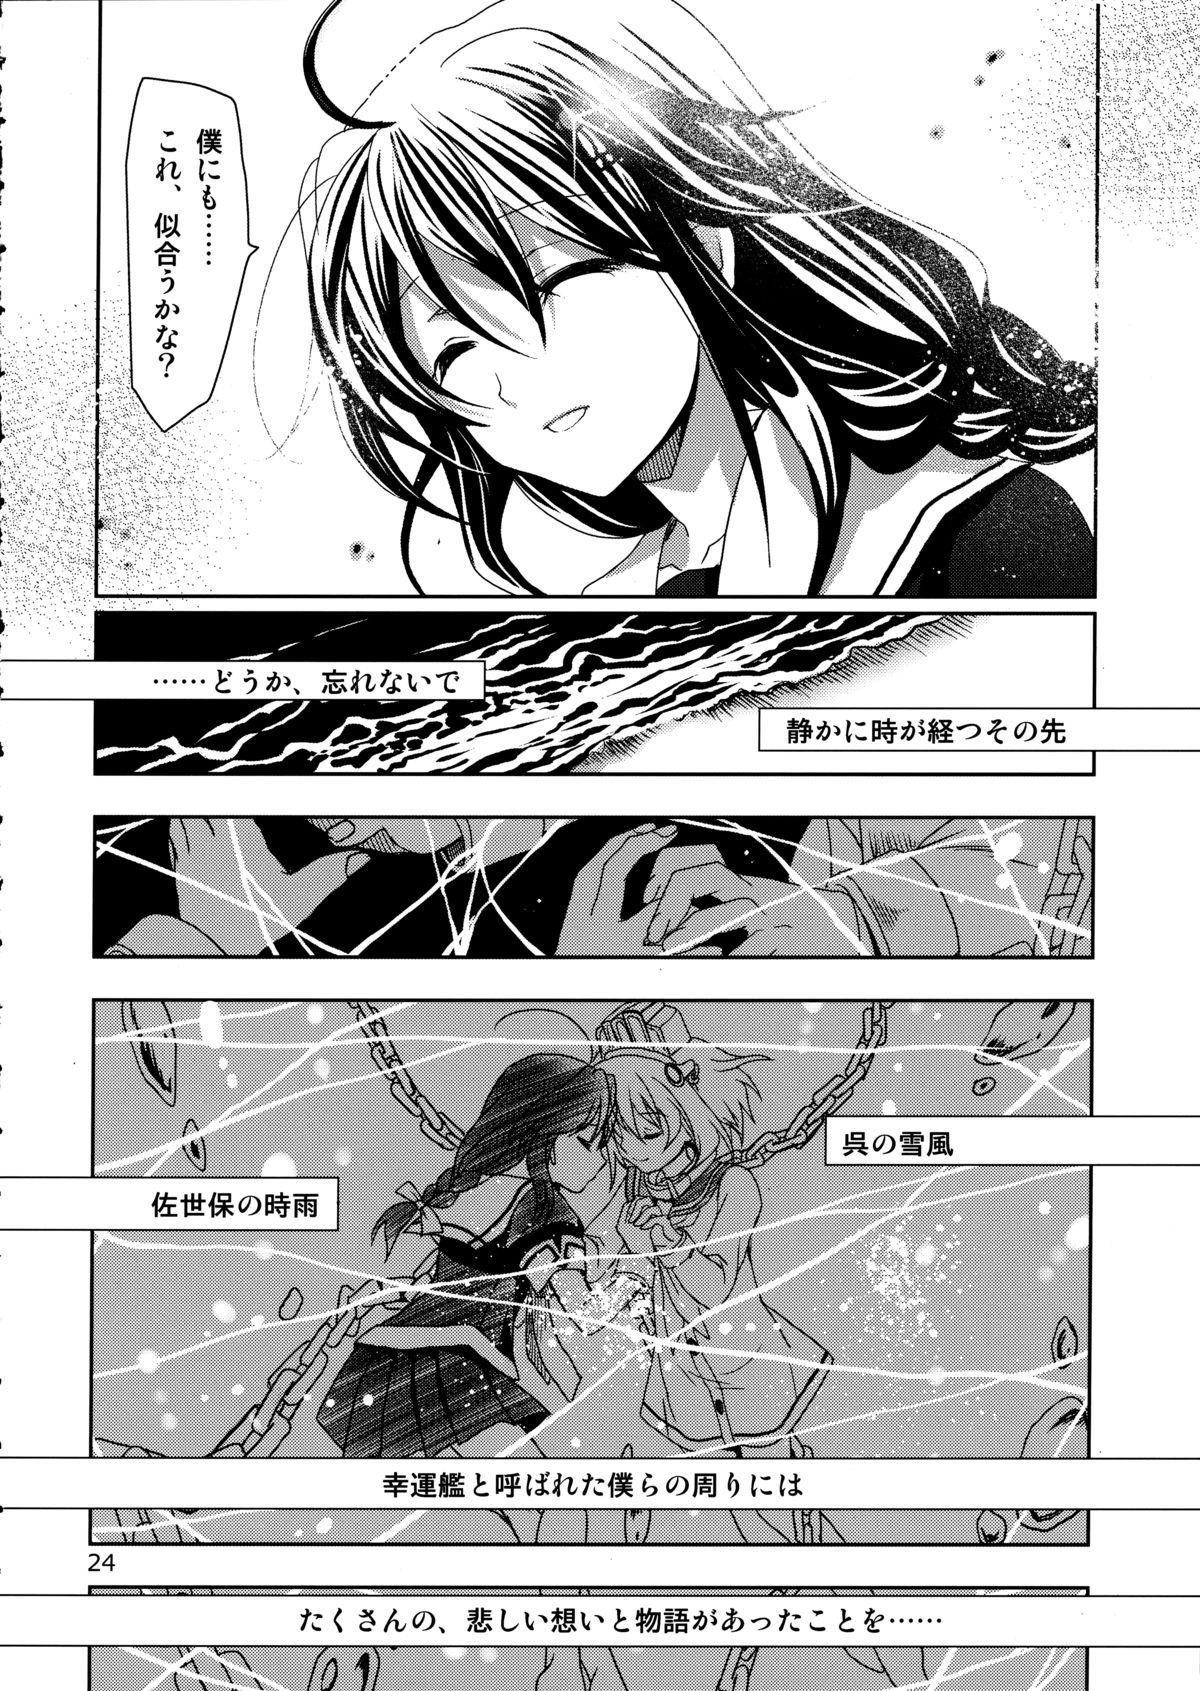 Dai 8 Kiiroi Kantai 23